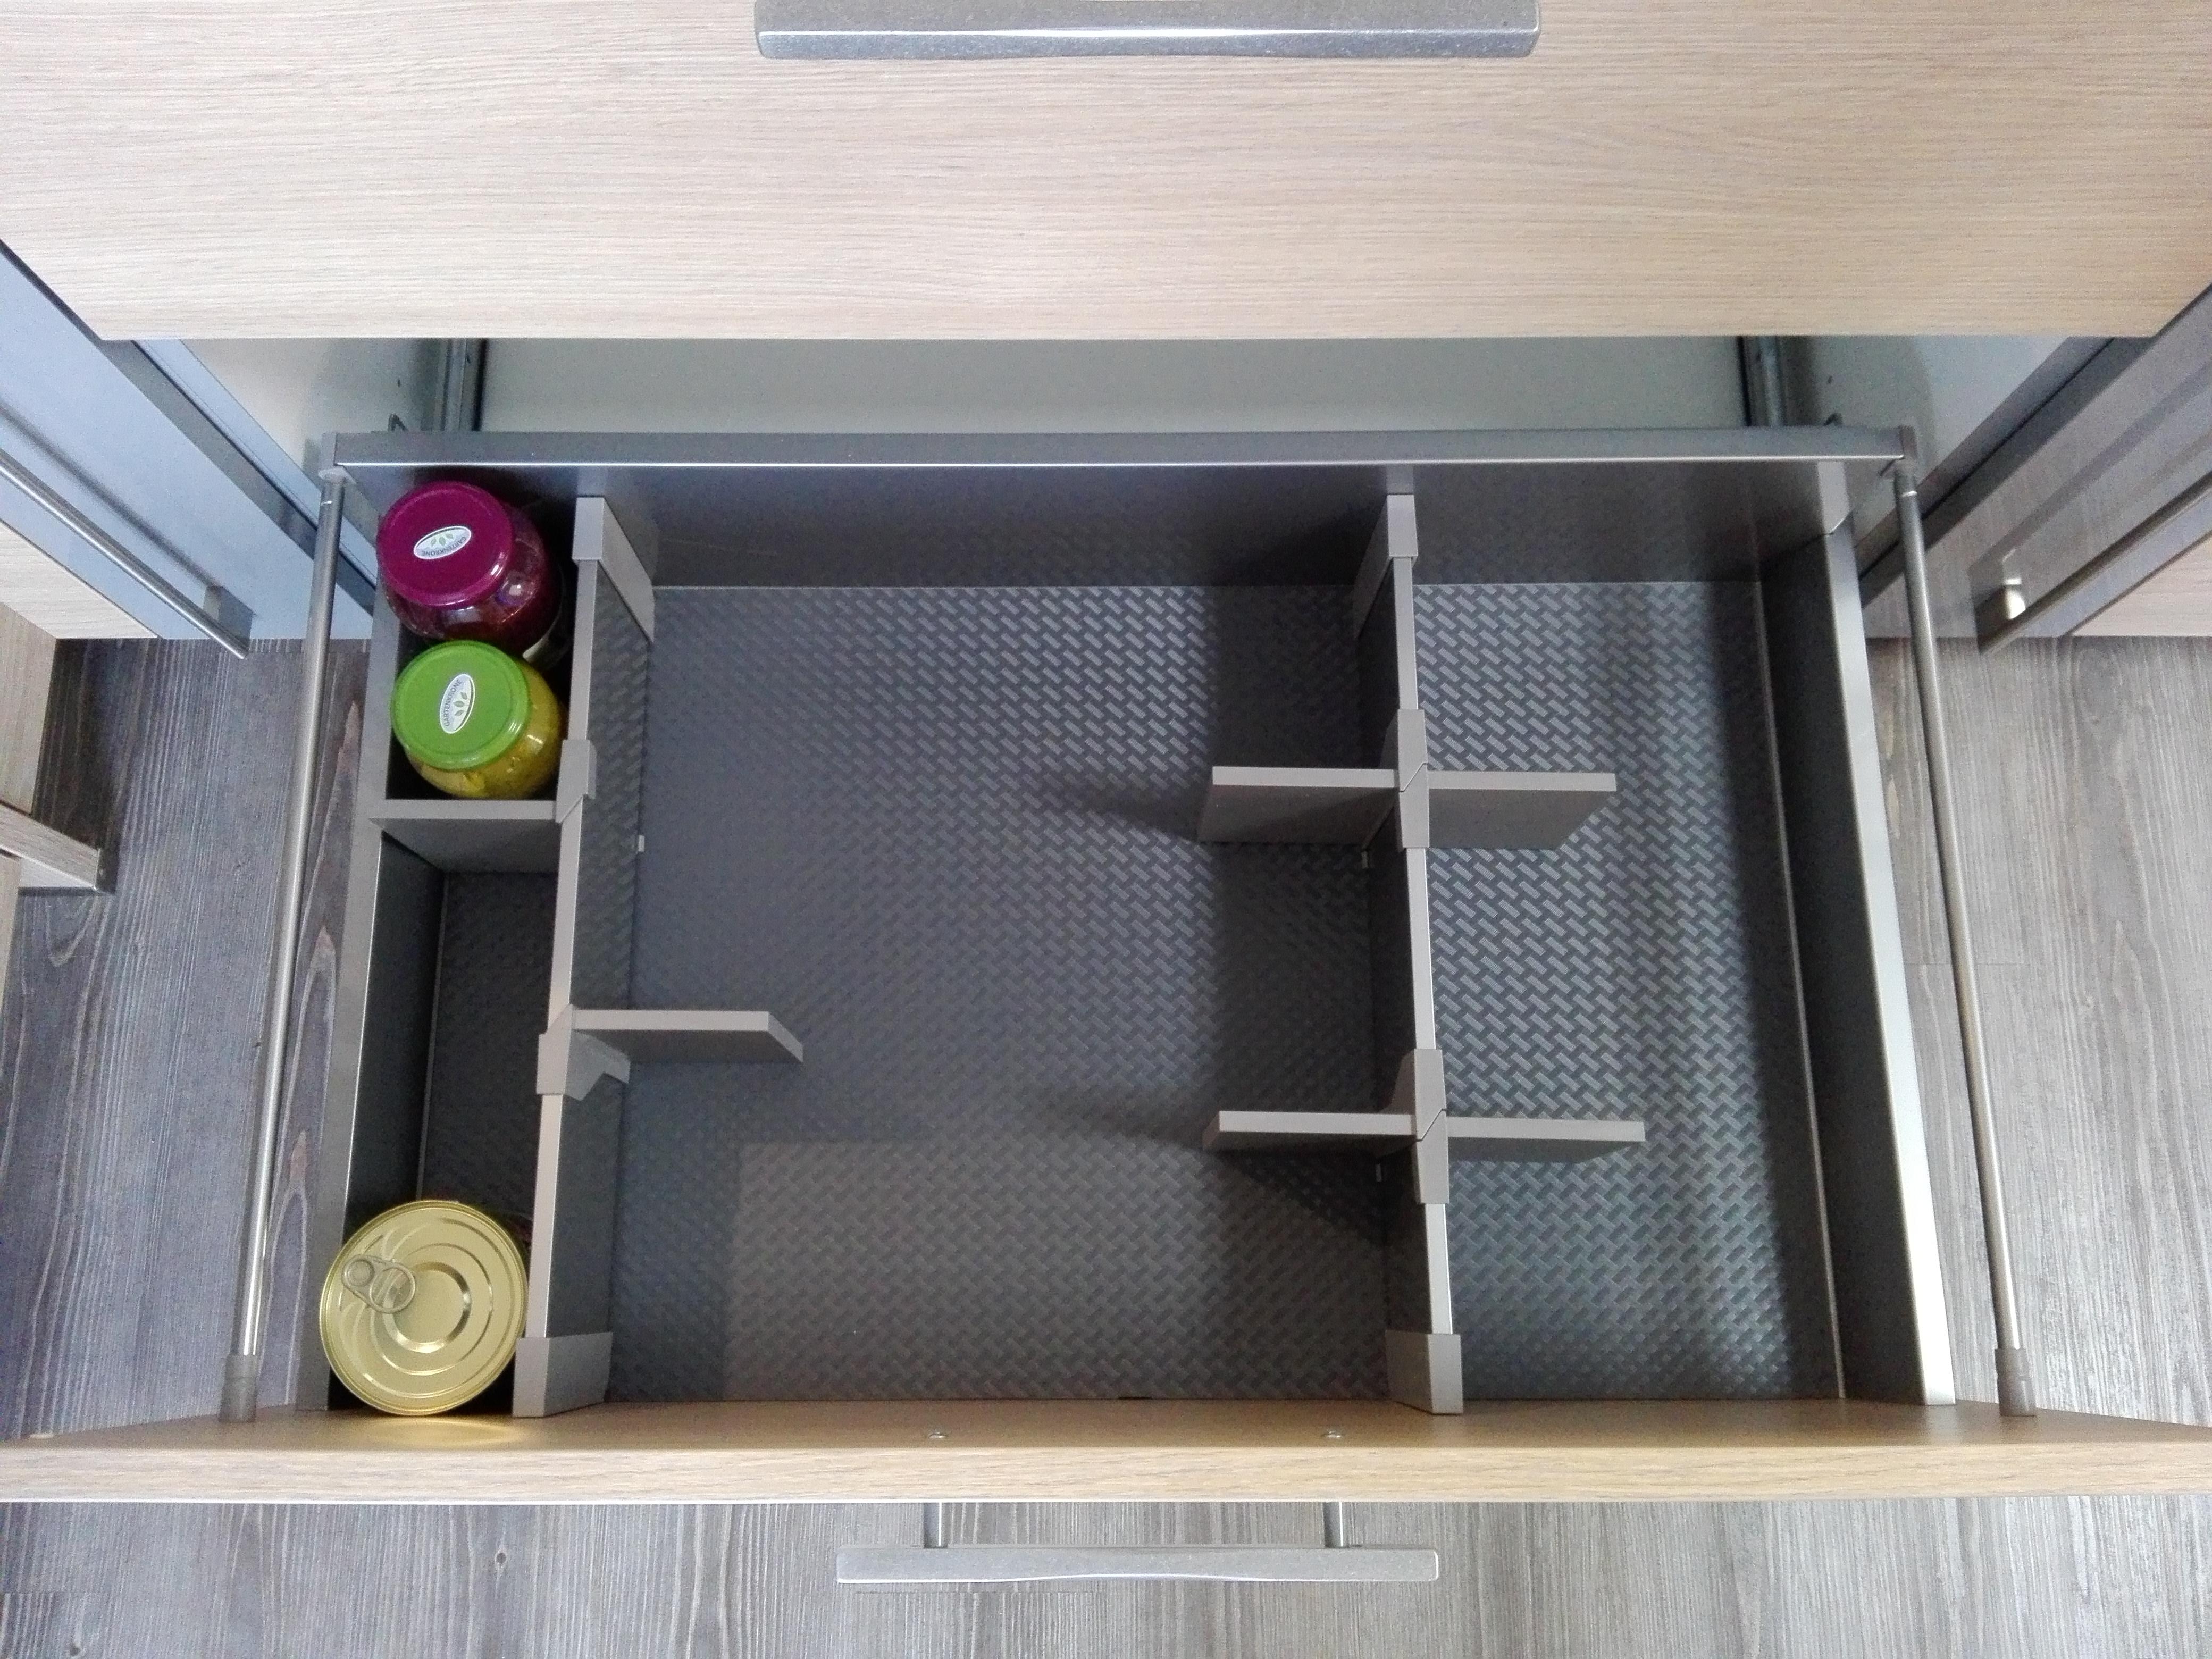 Küche 3 - Auszugsorganisation